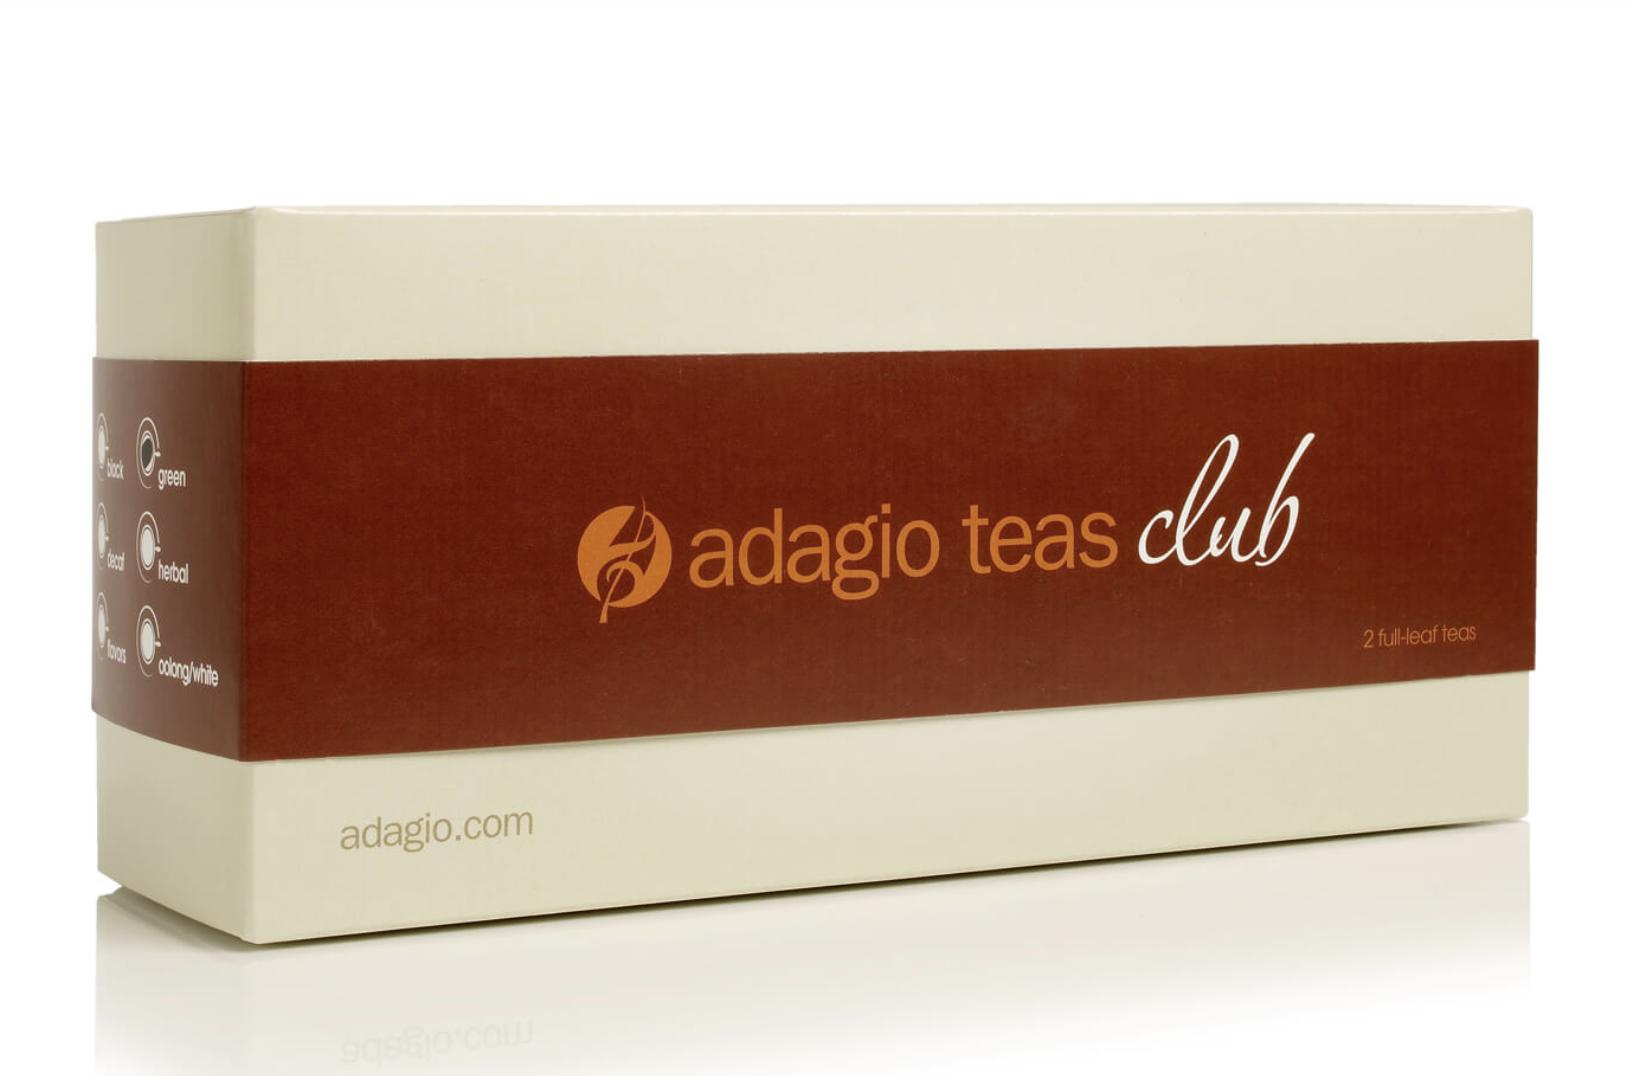 Adagio Tea of the Month Club